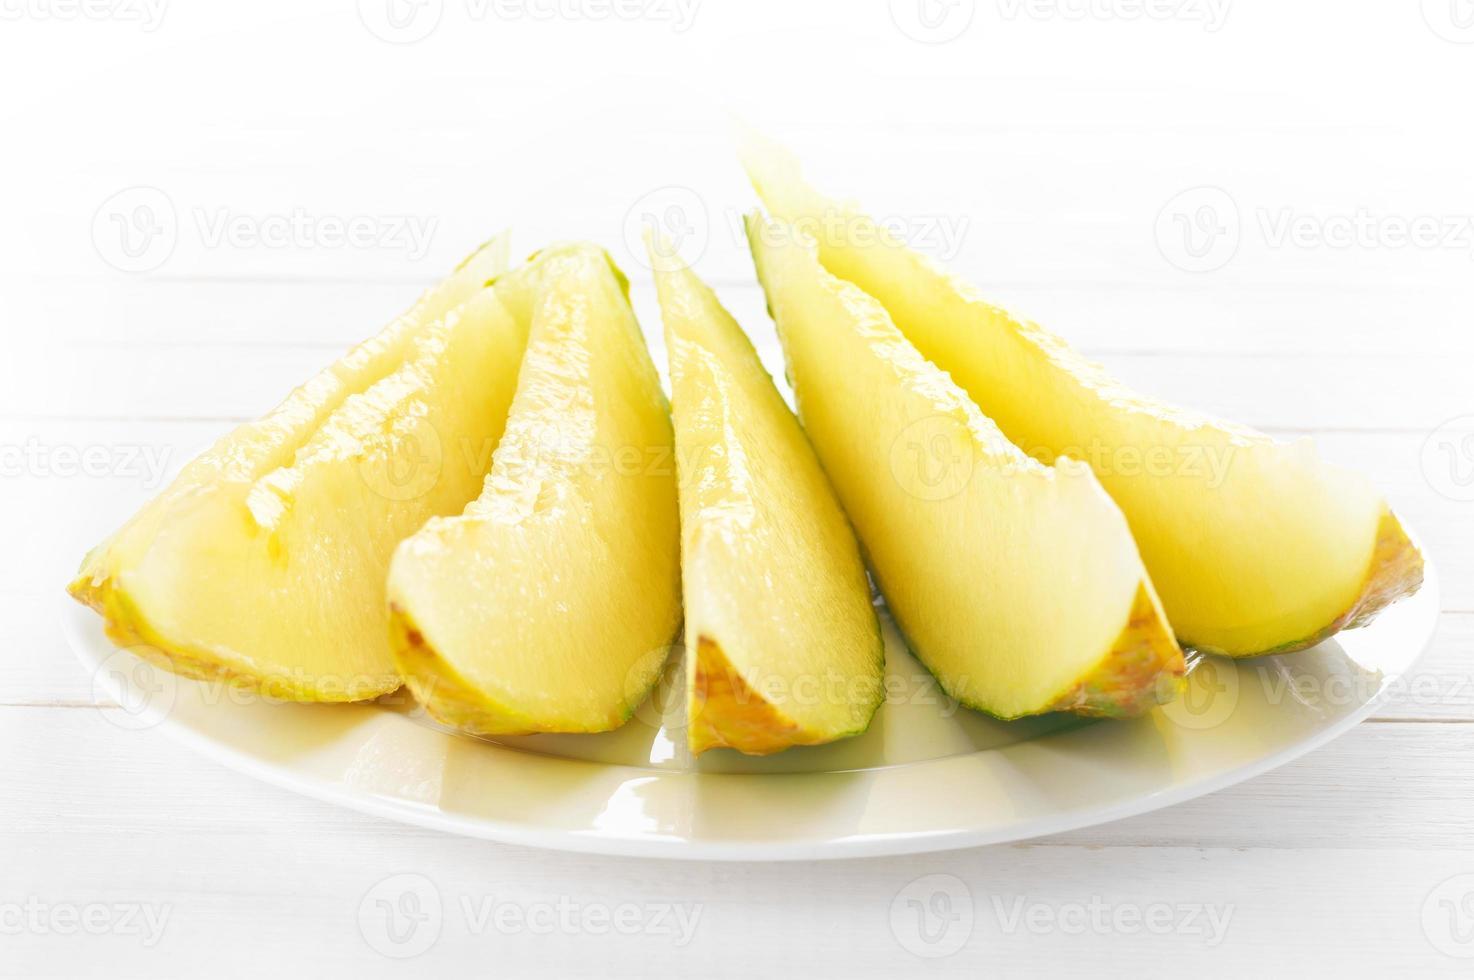 melon de santa claus photo